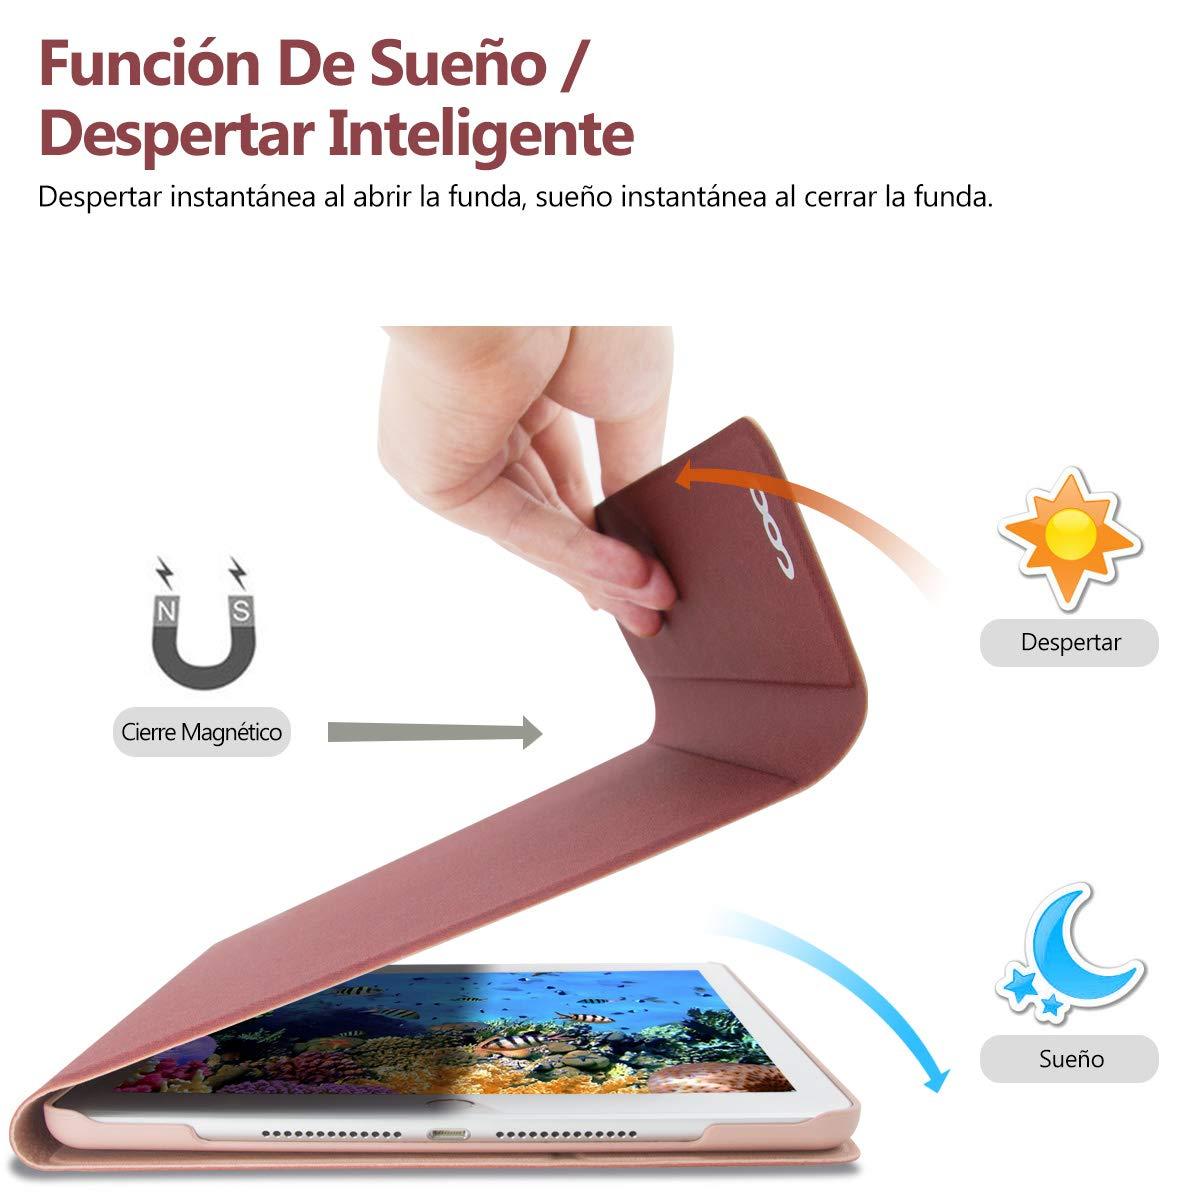 Cubierta Ultraliviano con Teclado Bluetooth Desmontable para Nuevo iPad 9,7 2017 iPad Air 2//1 COO Funda Teclado Espa/ñol para iPad iPad Pro 9,7 con Smart Auto Sleep-Wake Azul oscuro iPad 2018